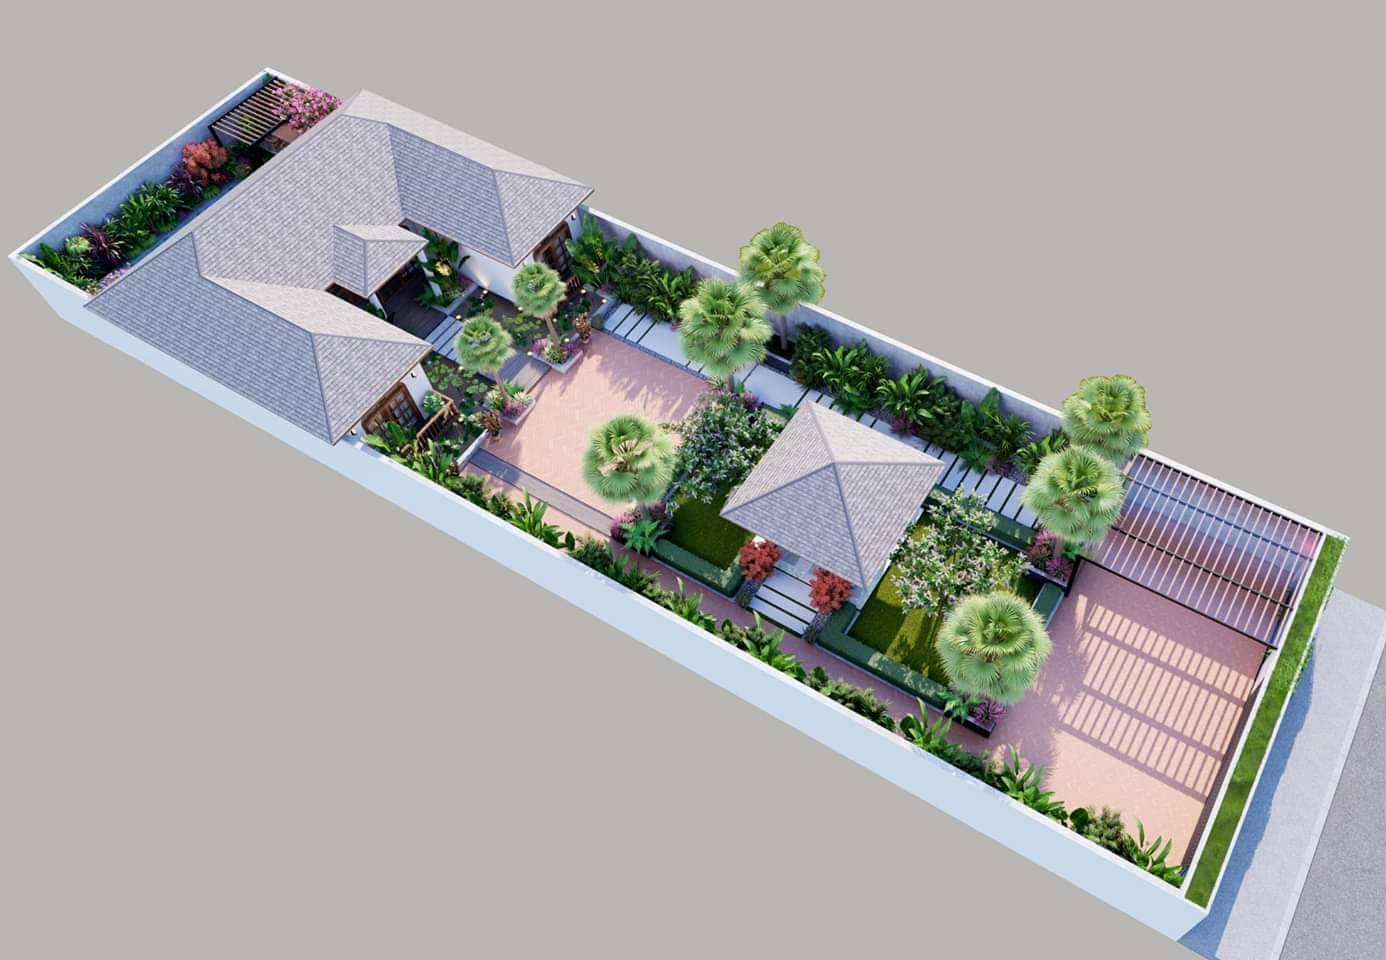 thiết kế Biệt Thự tại Hồ Chí Minh BTV - NTTM DESIGN 7 1553826335